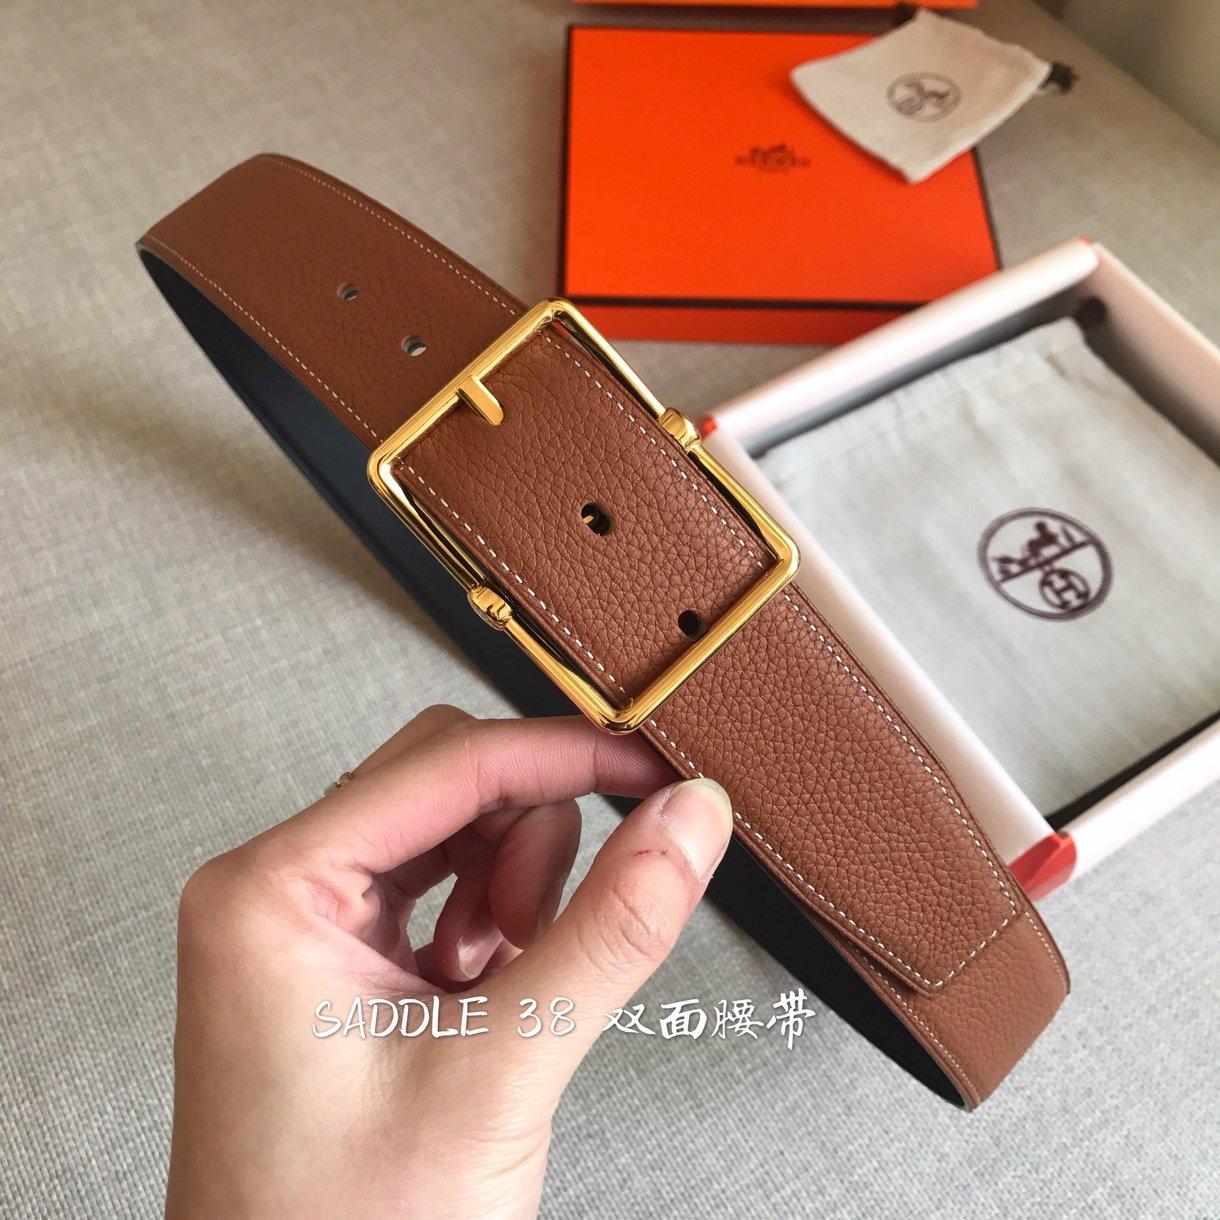 2019爱马仕Hermes春夏季最新款 SADDLE 38 双面皮腰带 官网同步